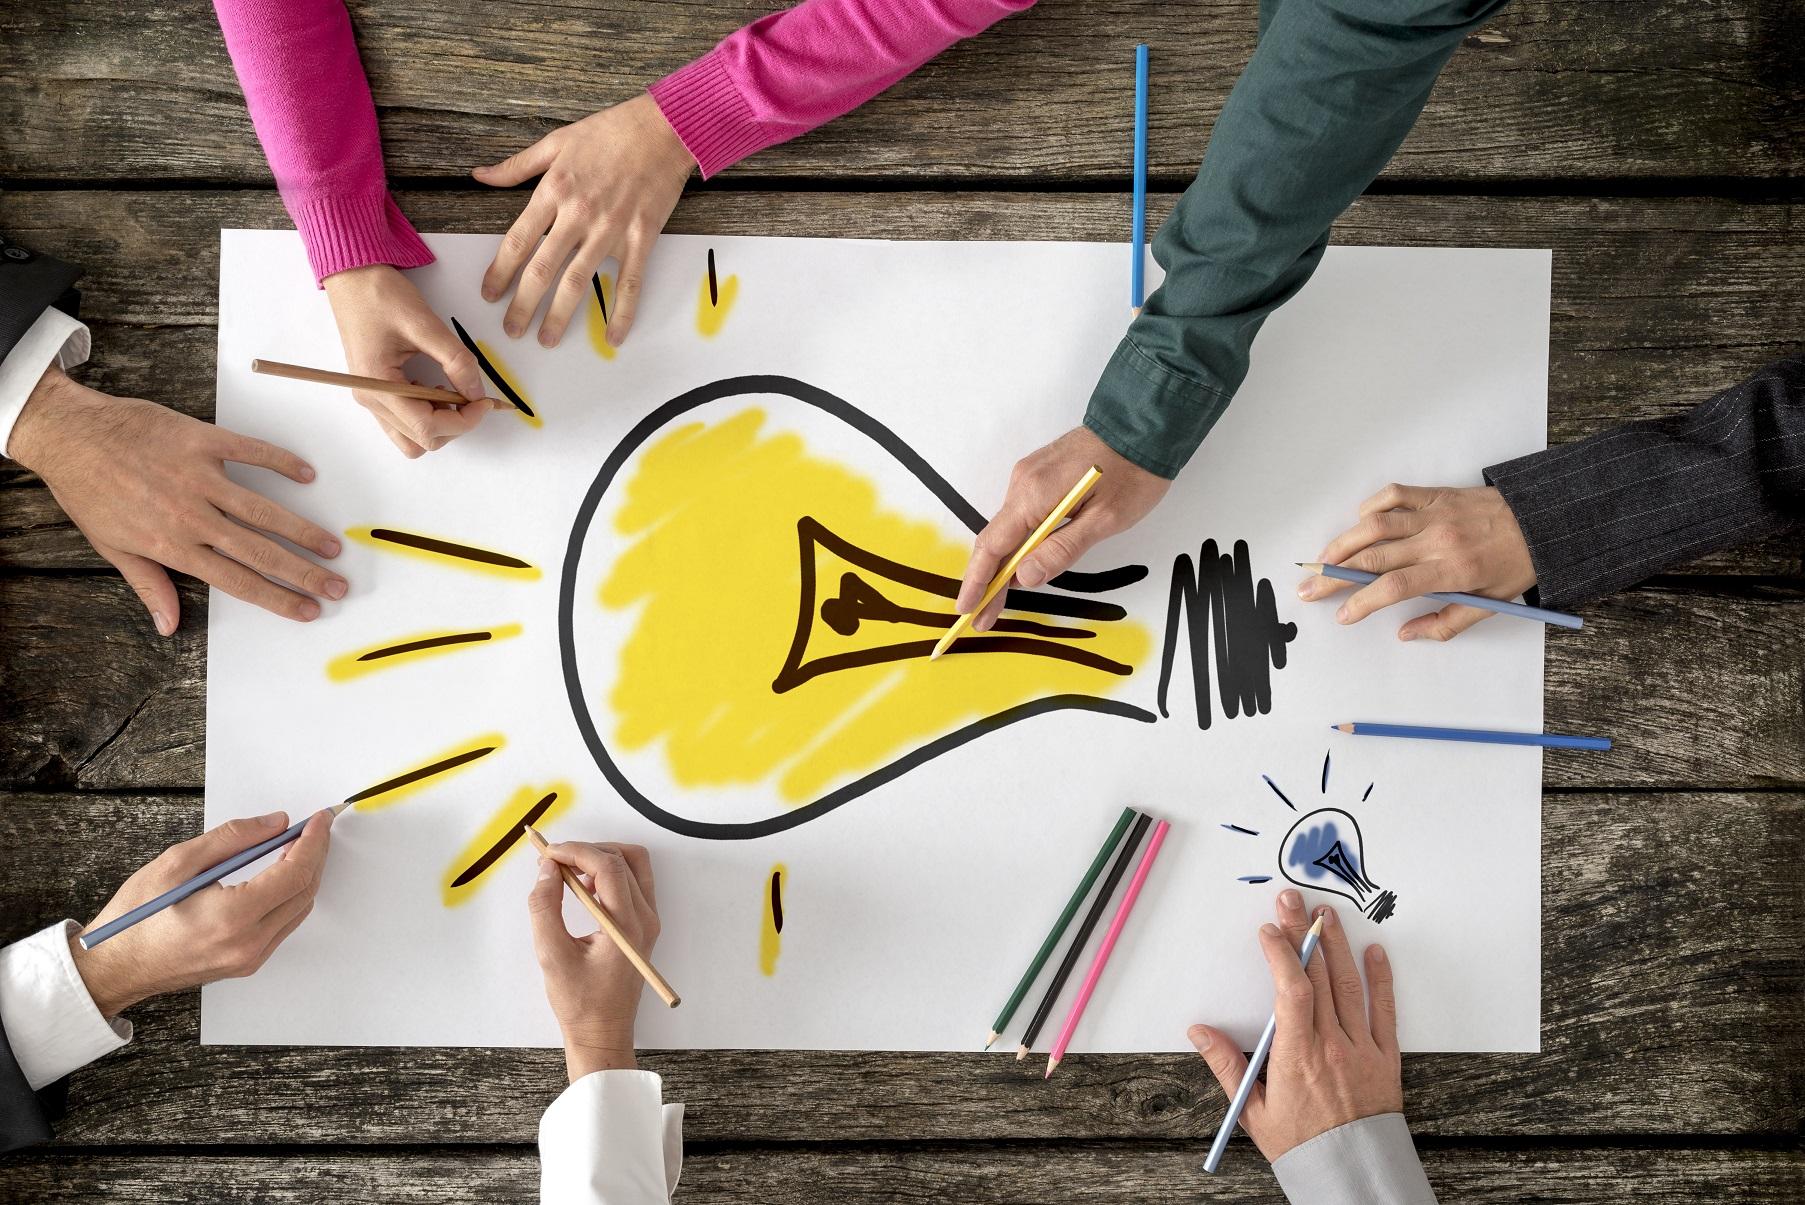 新たなイノベーションを起こす会社とは?